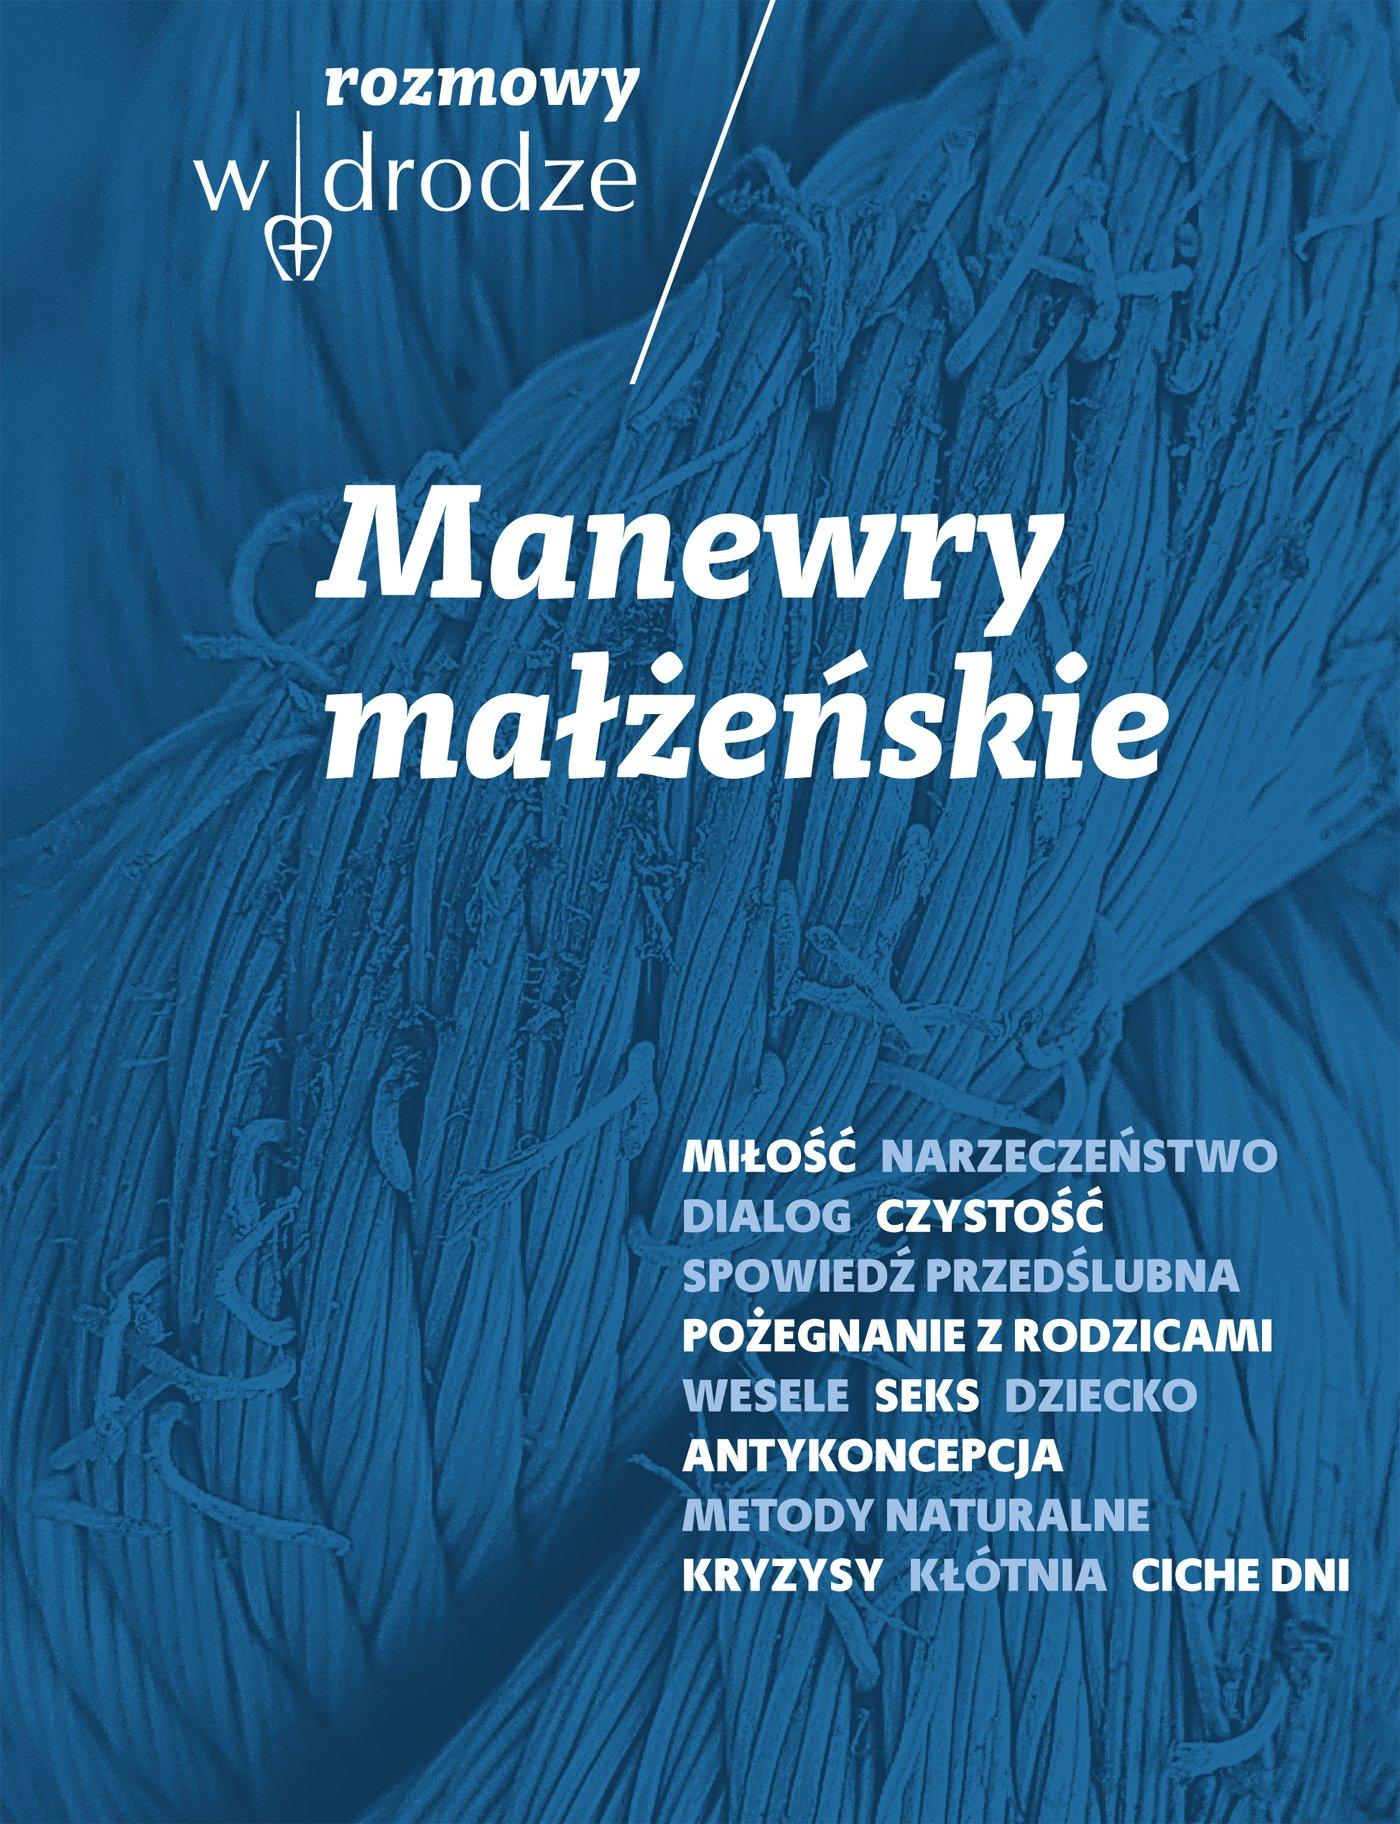 Rozmowy W drodze. Manewry małżeńskie. - Ebook (Książka EPUB) do pobrania w formacie EPUB